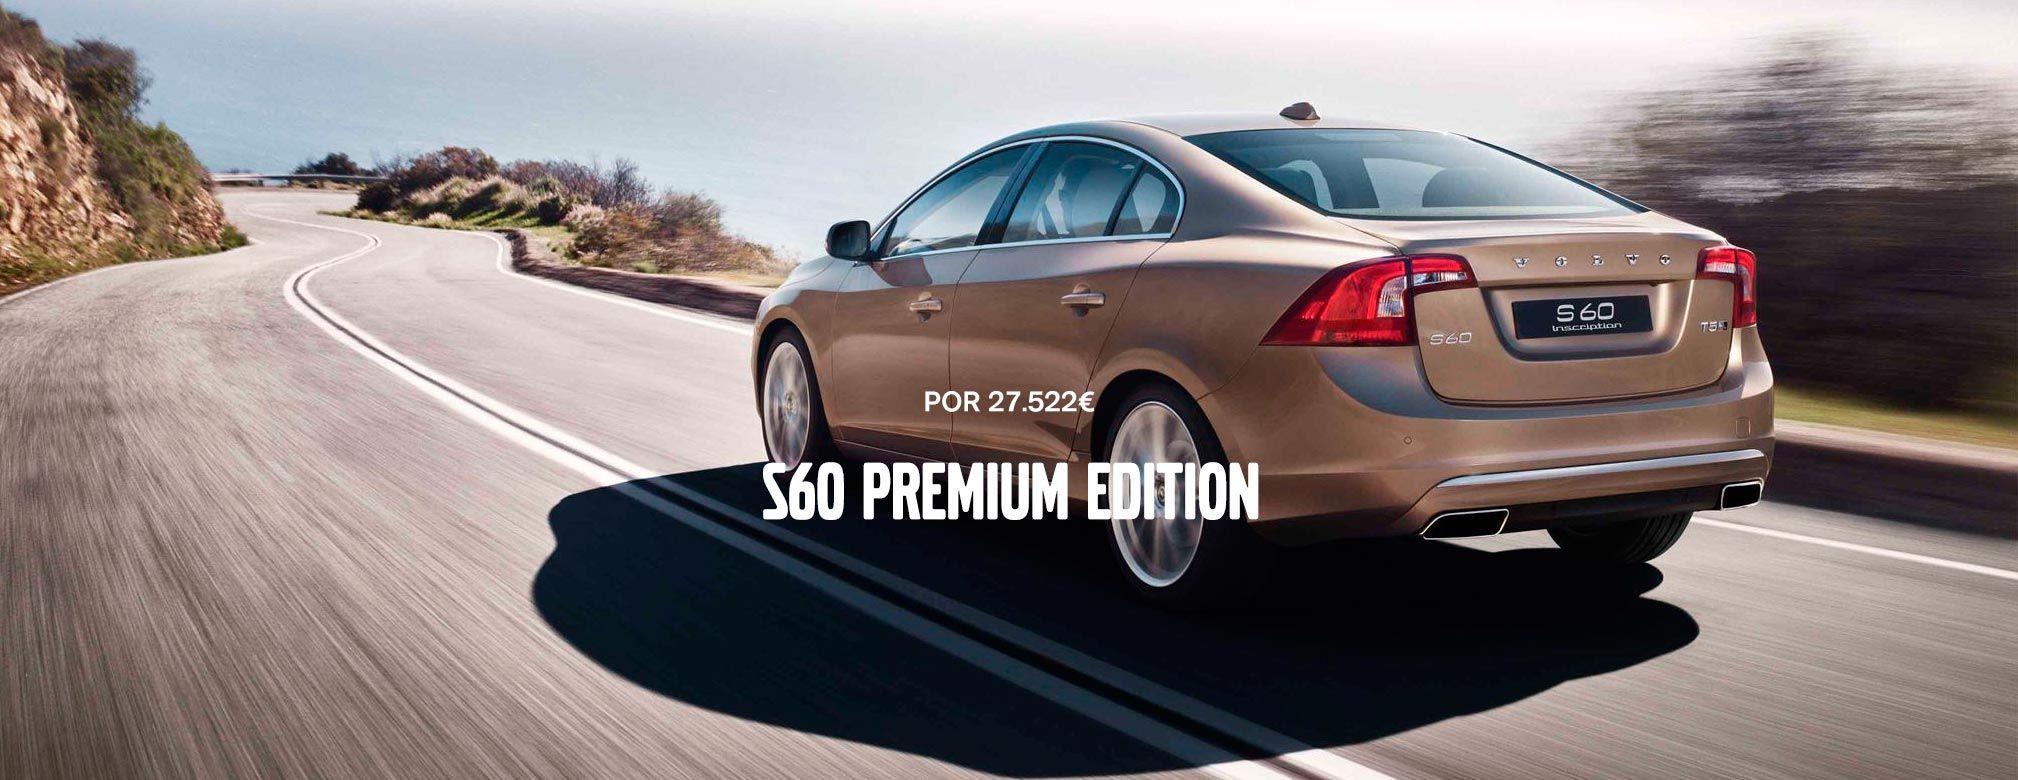 S60 PREMIUM EDITION